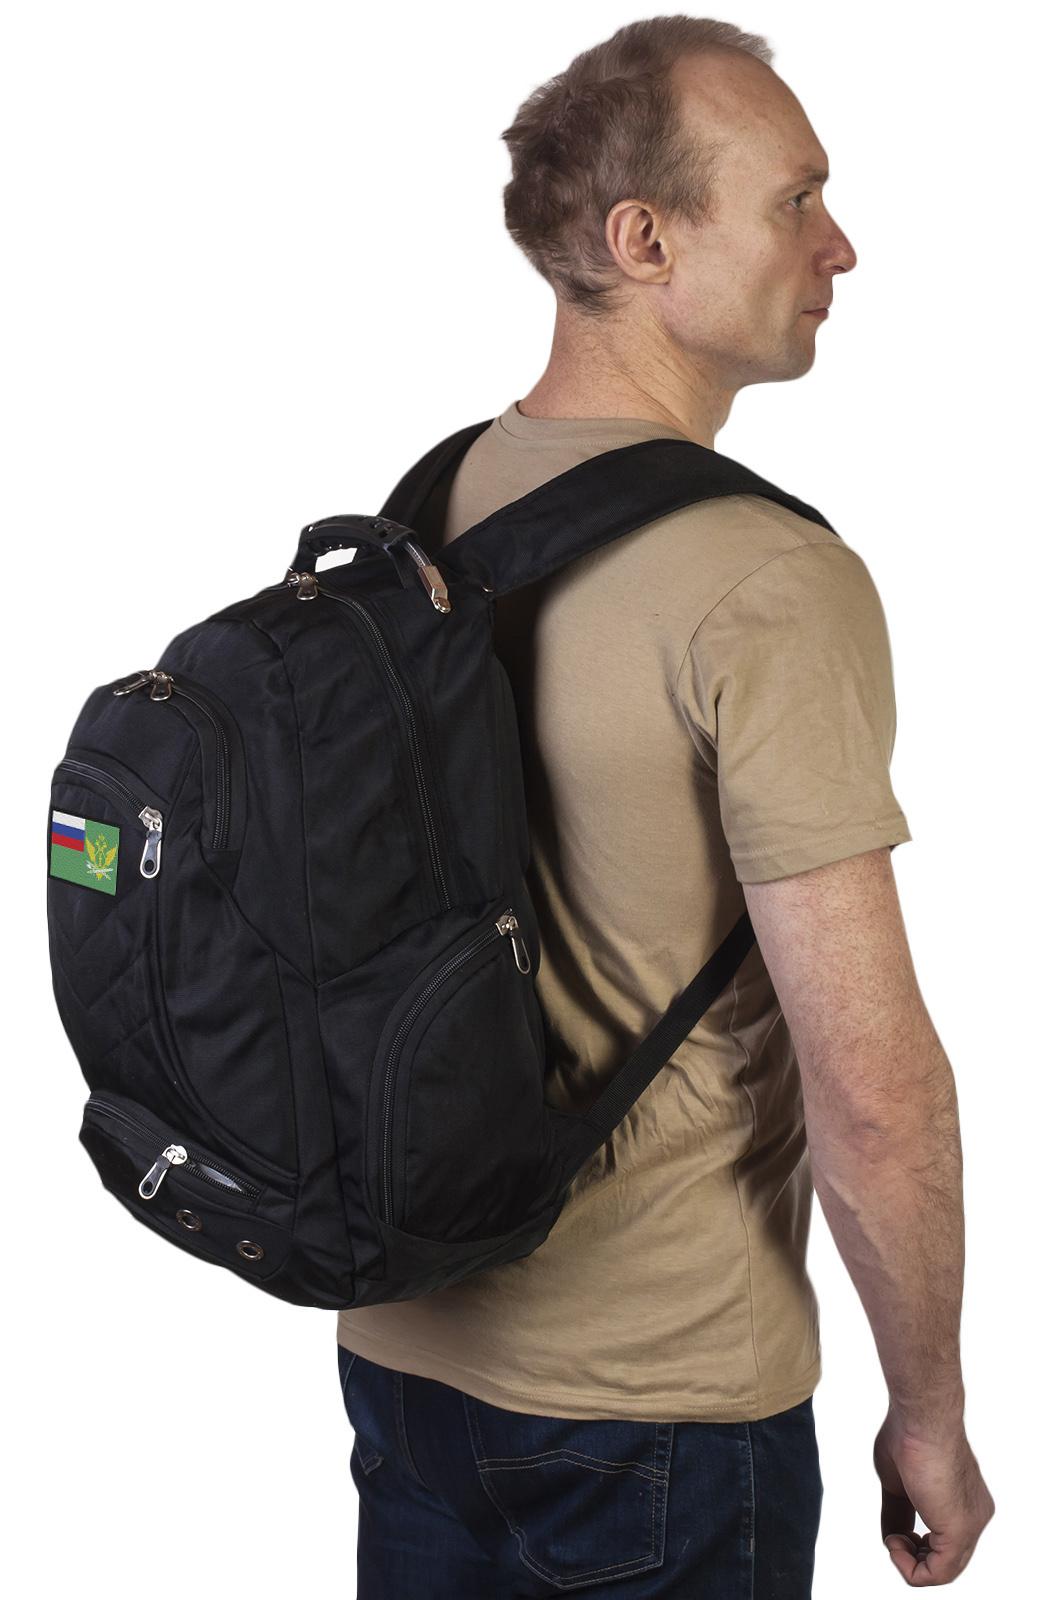 Надежный рюкзак с символикой ФССП купить онлайн